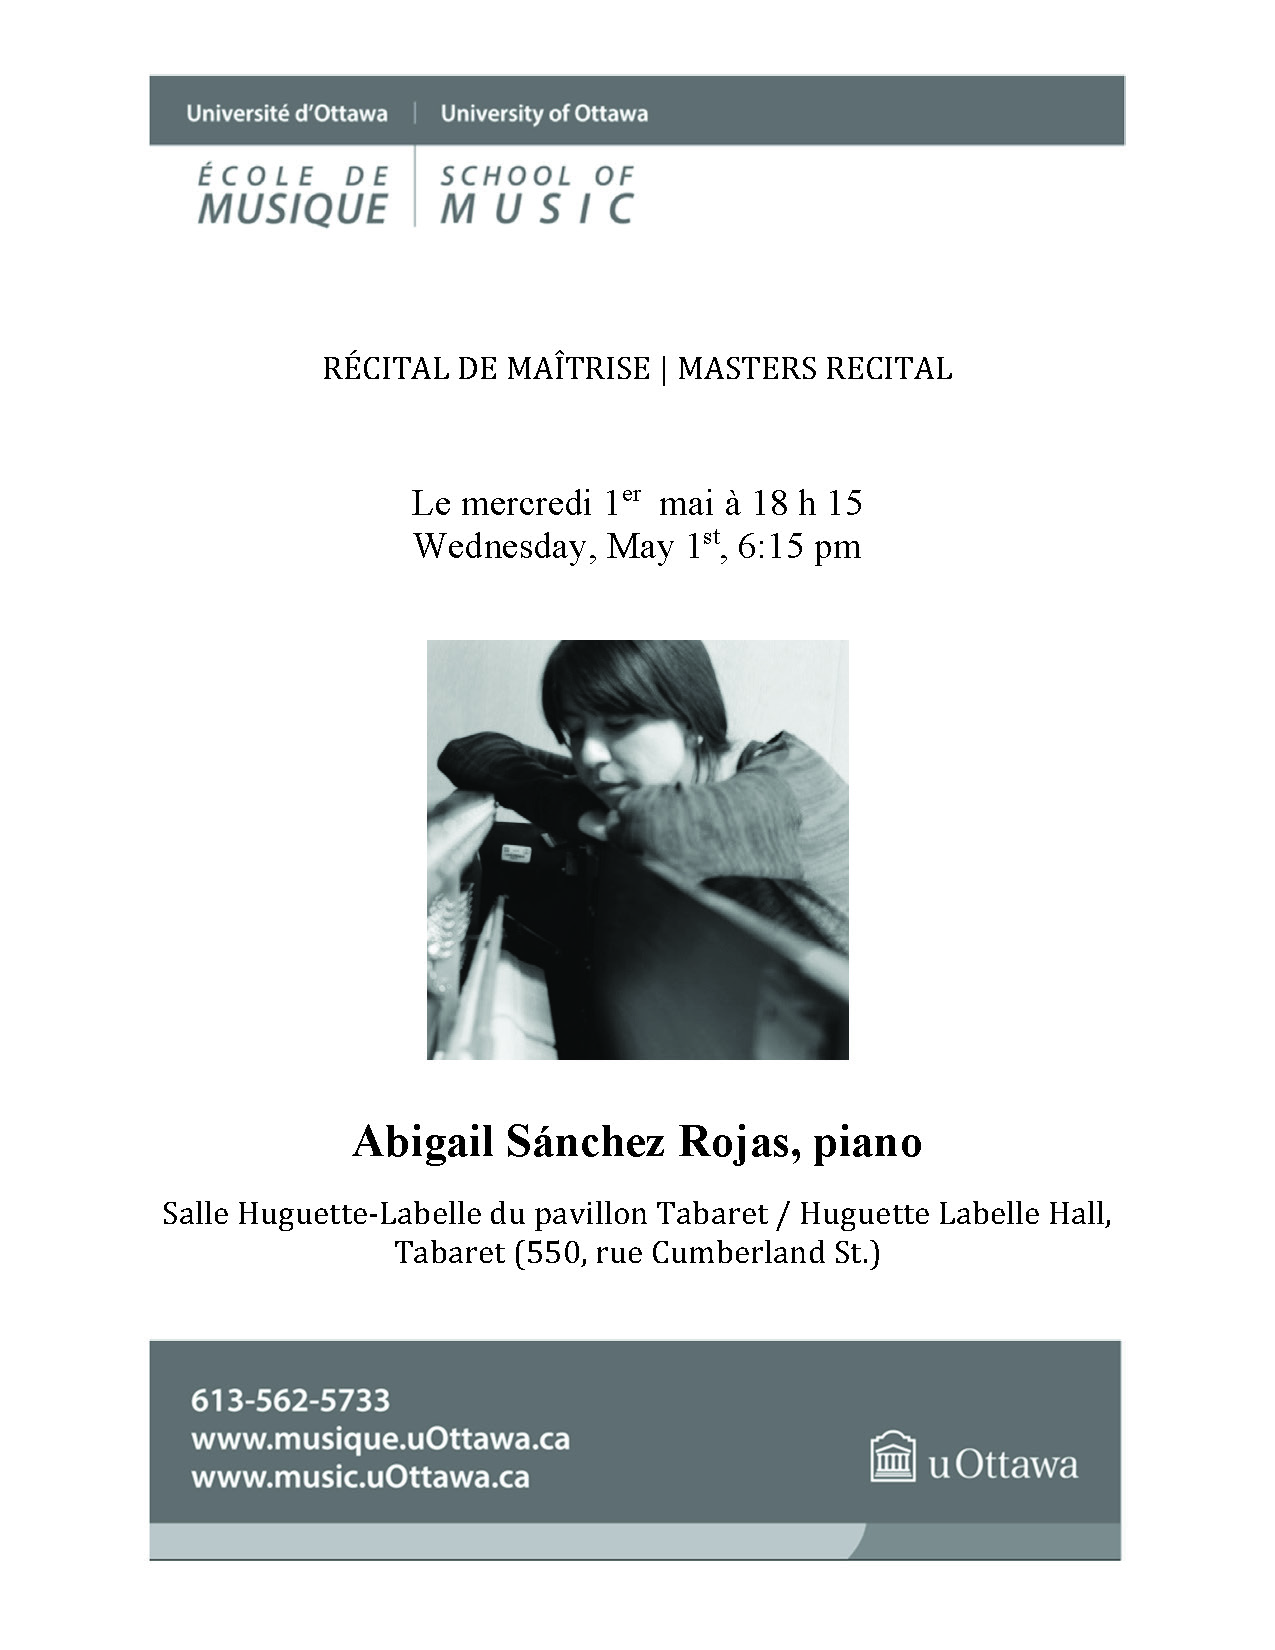 Recital program for Abigail Sanchez, p. 1